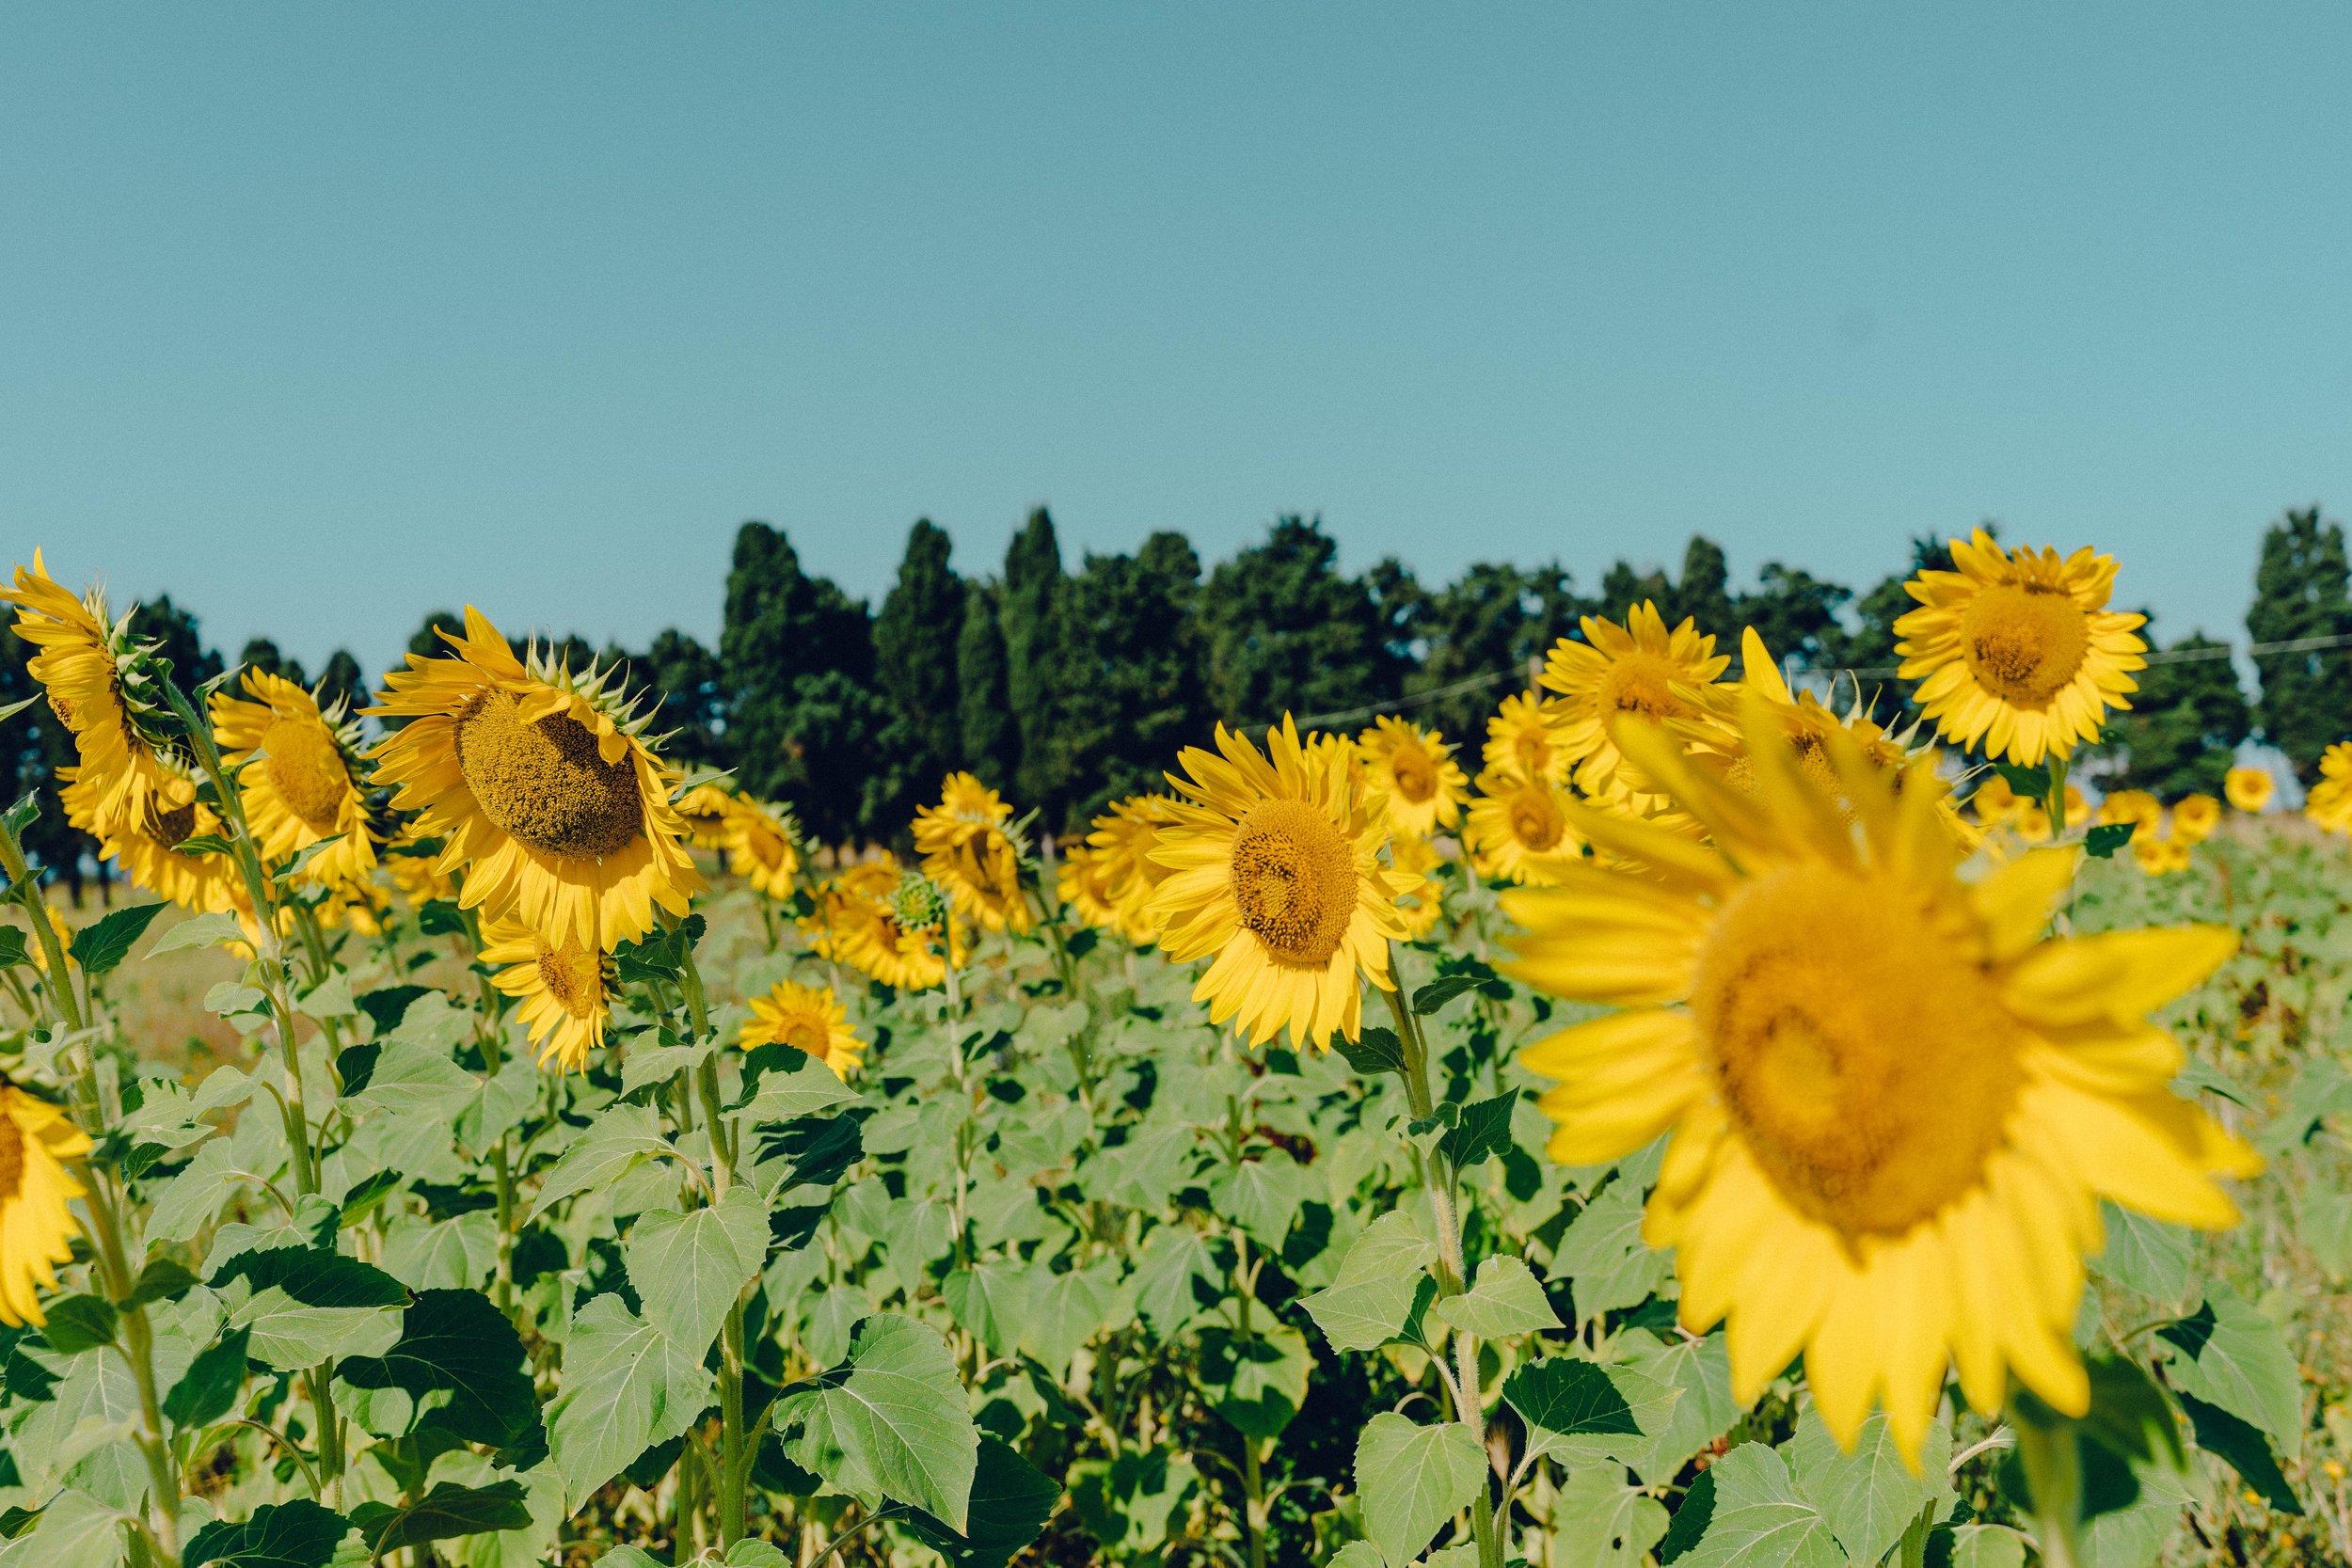 ASROSENVINGE_Roadtrip_Italy_Toscana-07738.jpg